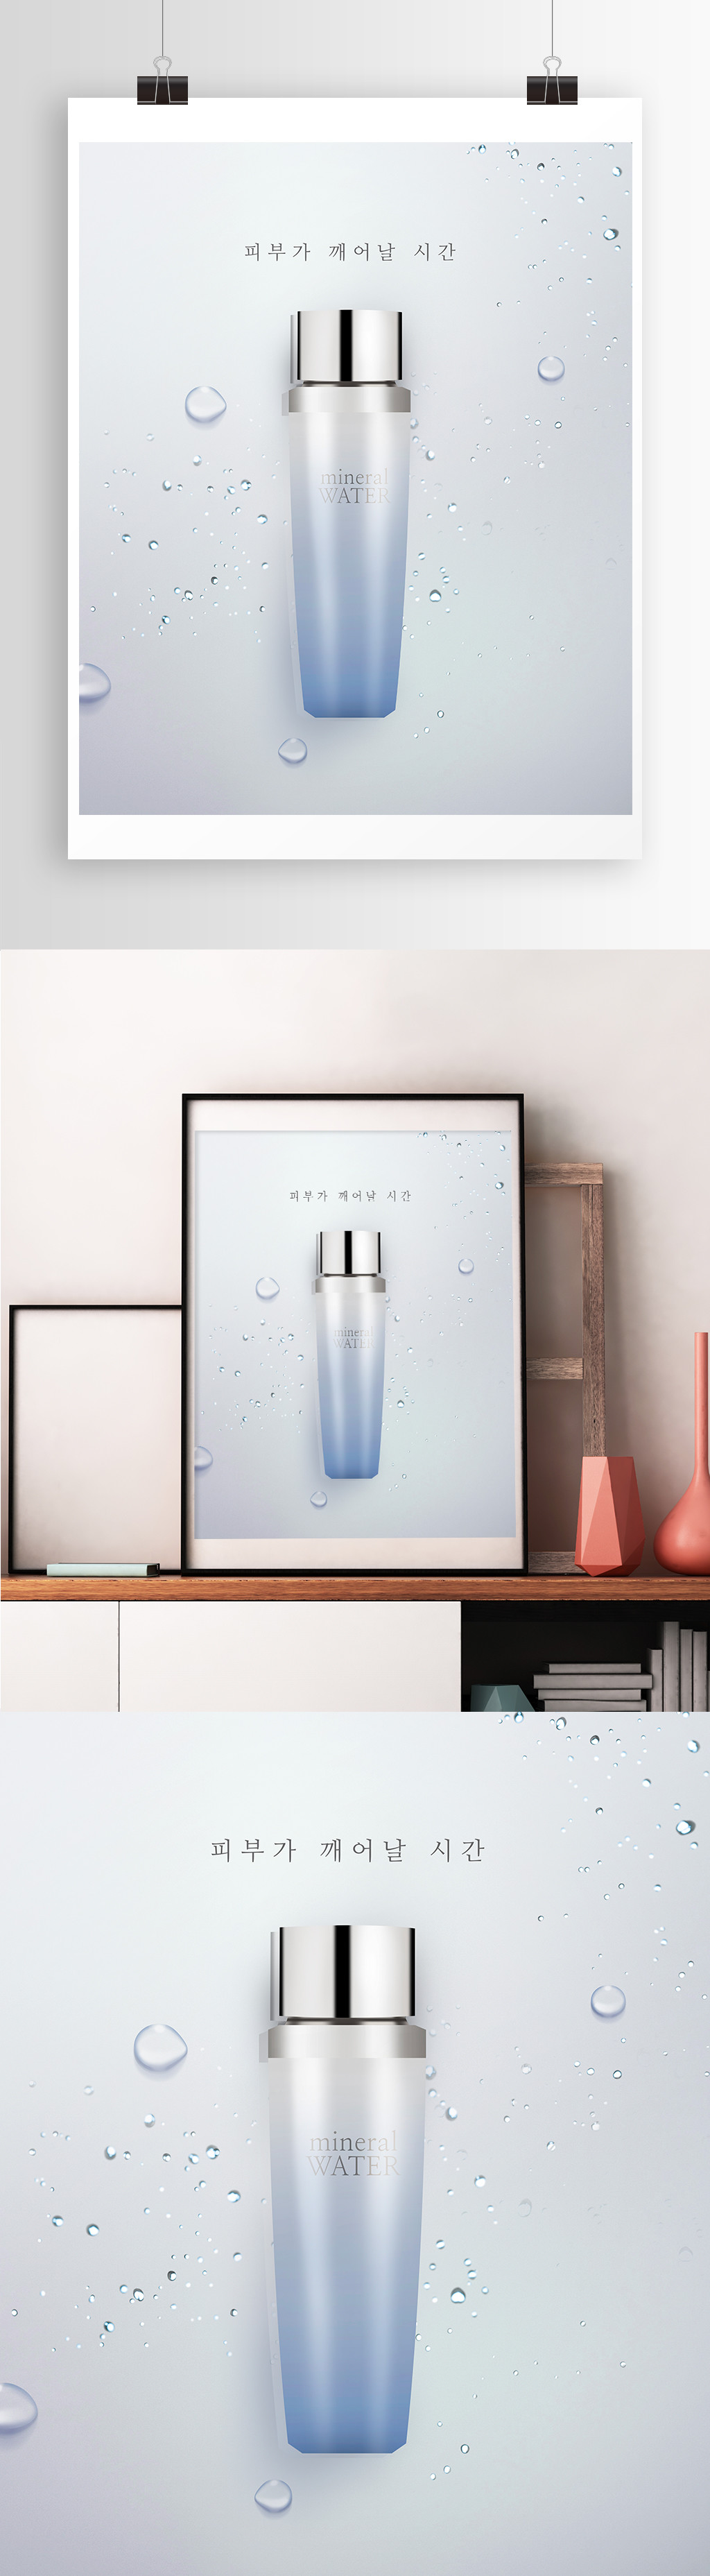 高端爽肤水化妆品海报PSD模板